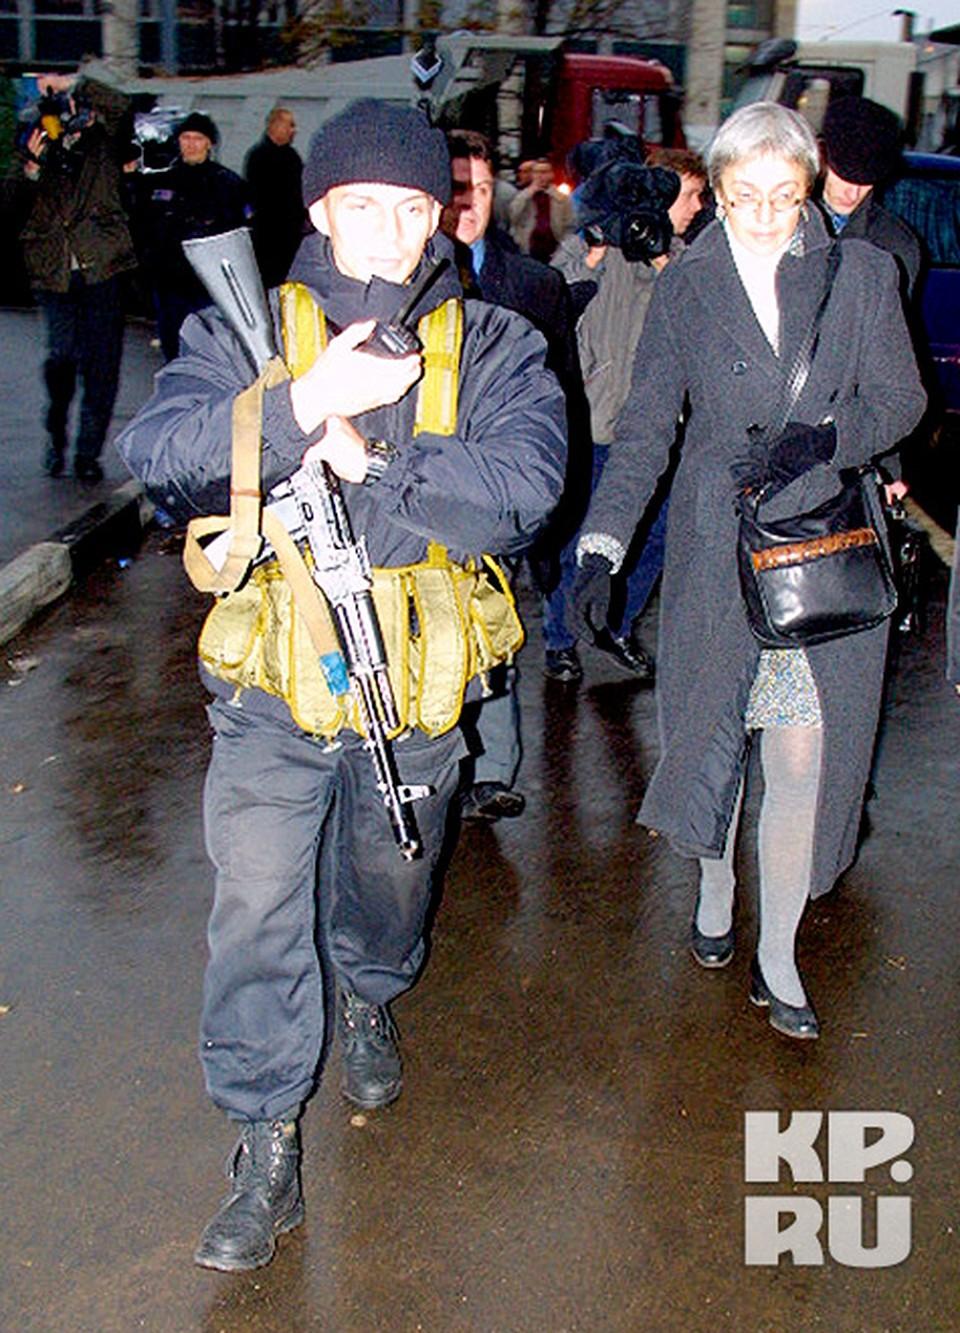 В переговорах с чеченскими террористами участвовала и Анна Политковская. Она носила заложникам воду.